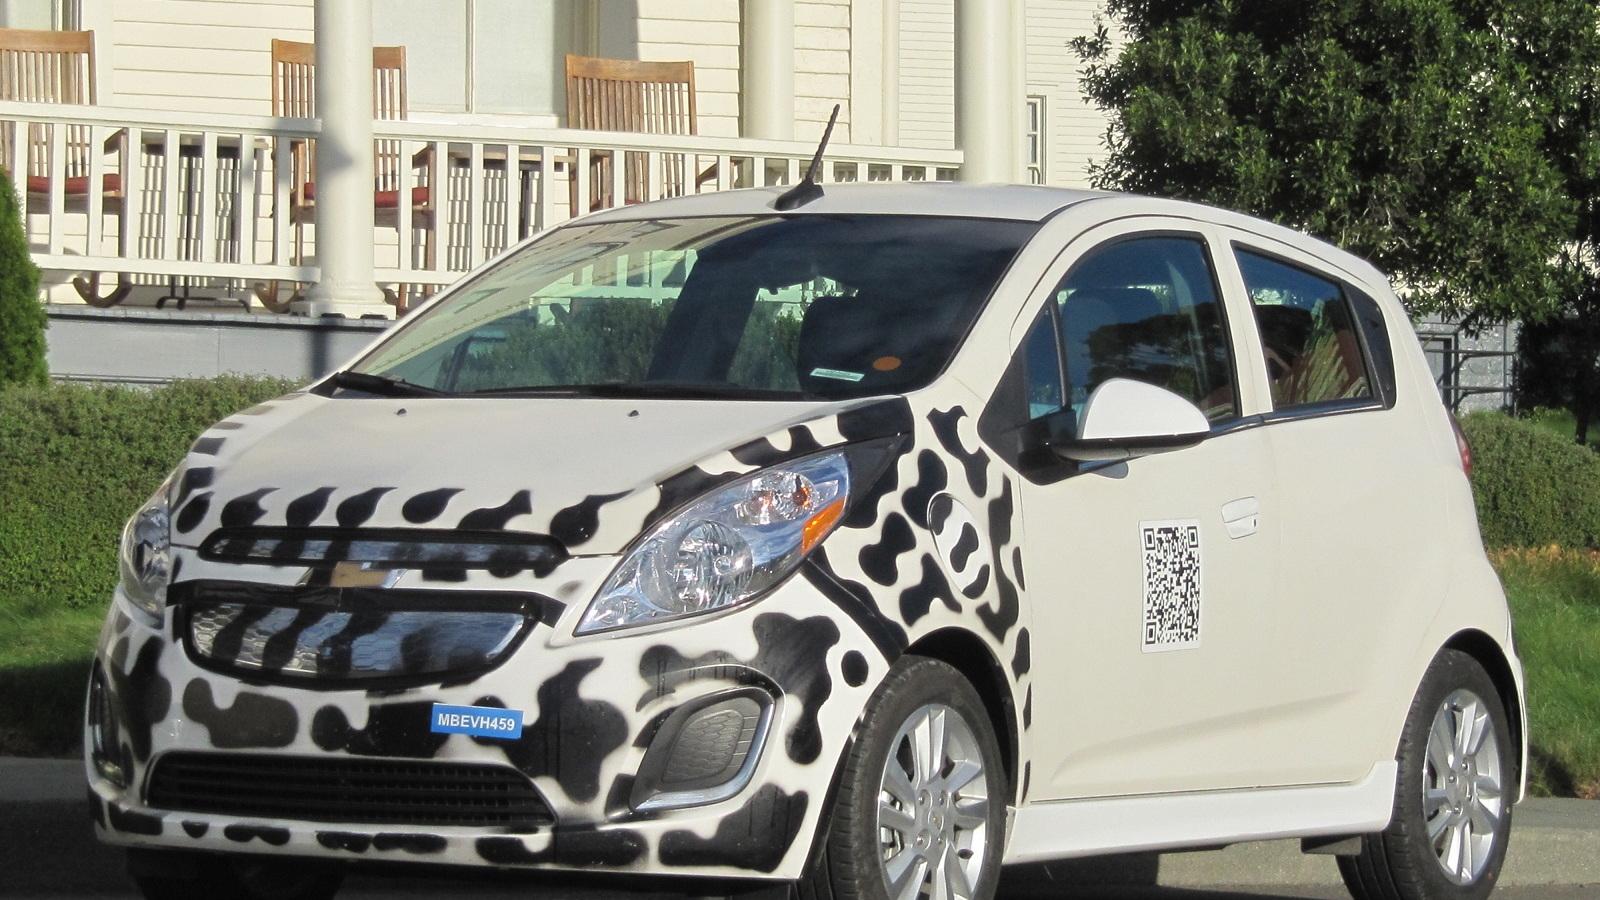 2014 Chevrolet Spark EV prototype, Sausalito, CA, Nov 2012